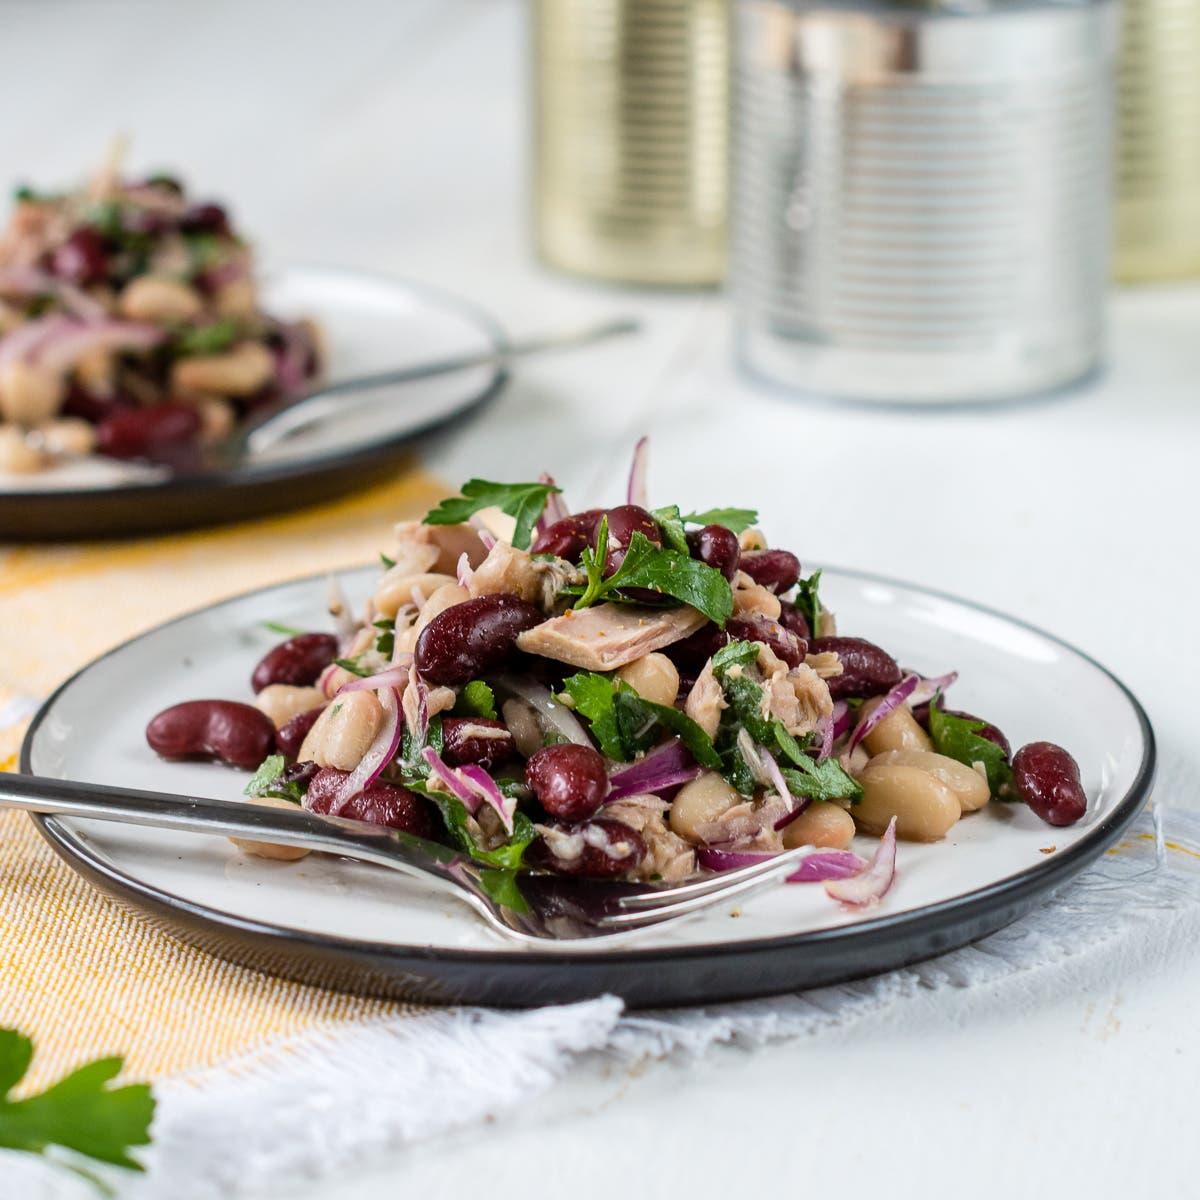 Schneller Bohnensalat mit zweierlei Bohnen, Thunfisch und Zwiebeln + Verlosung!